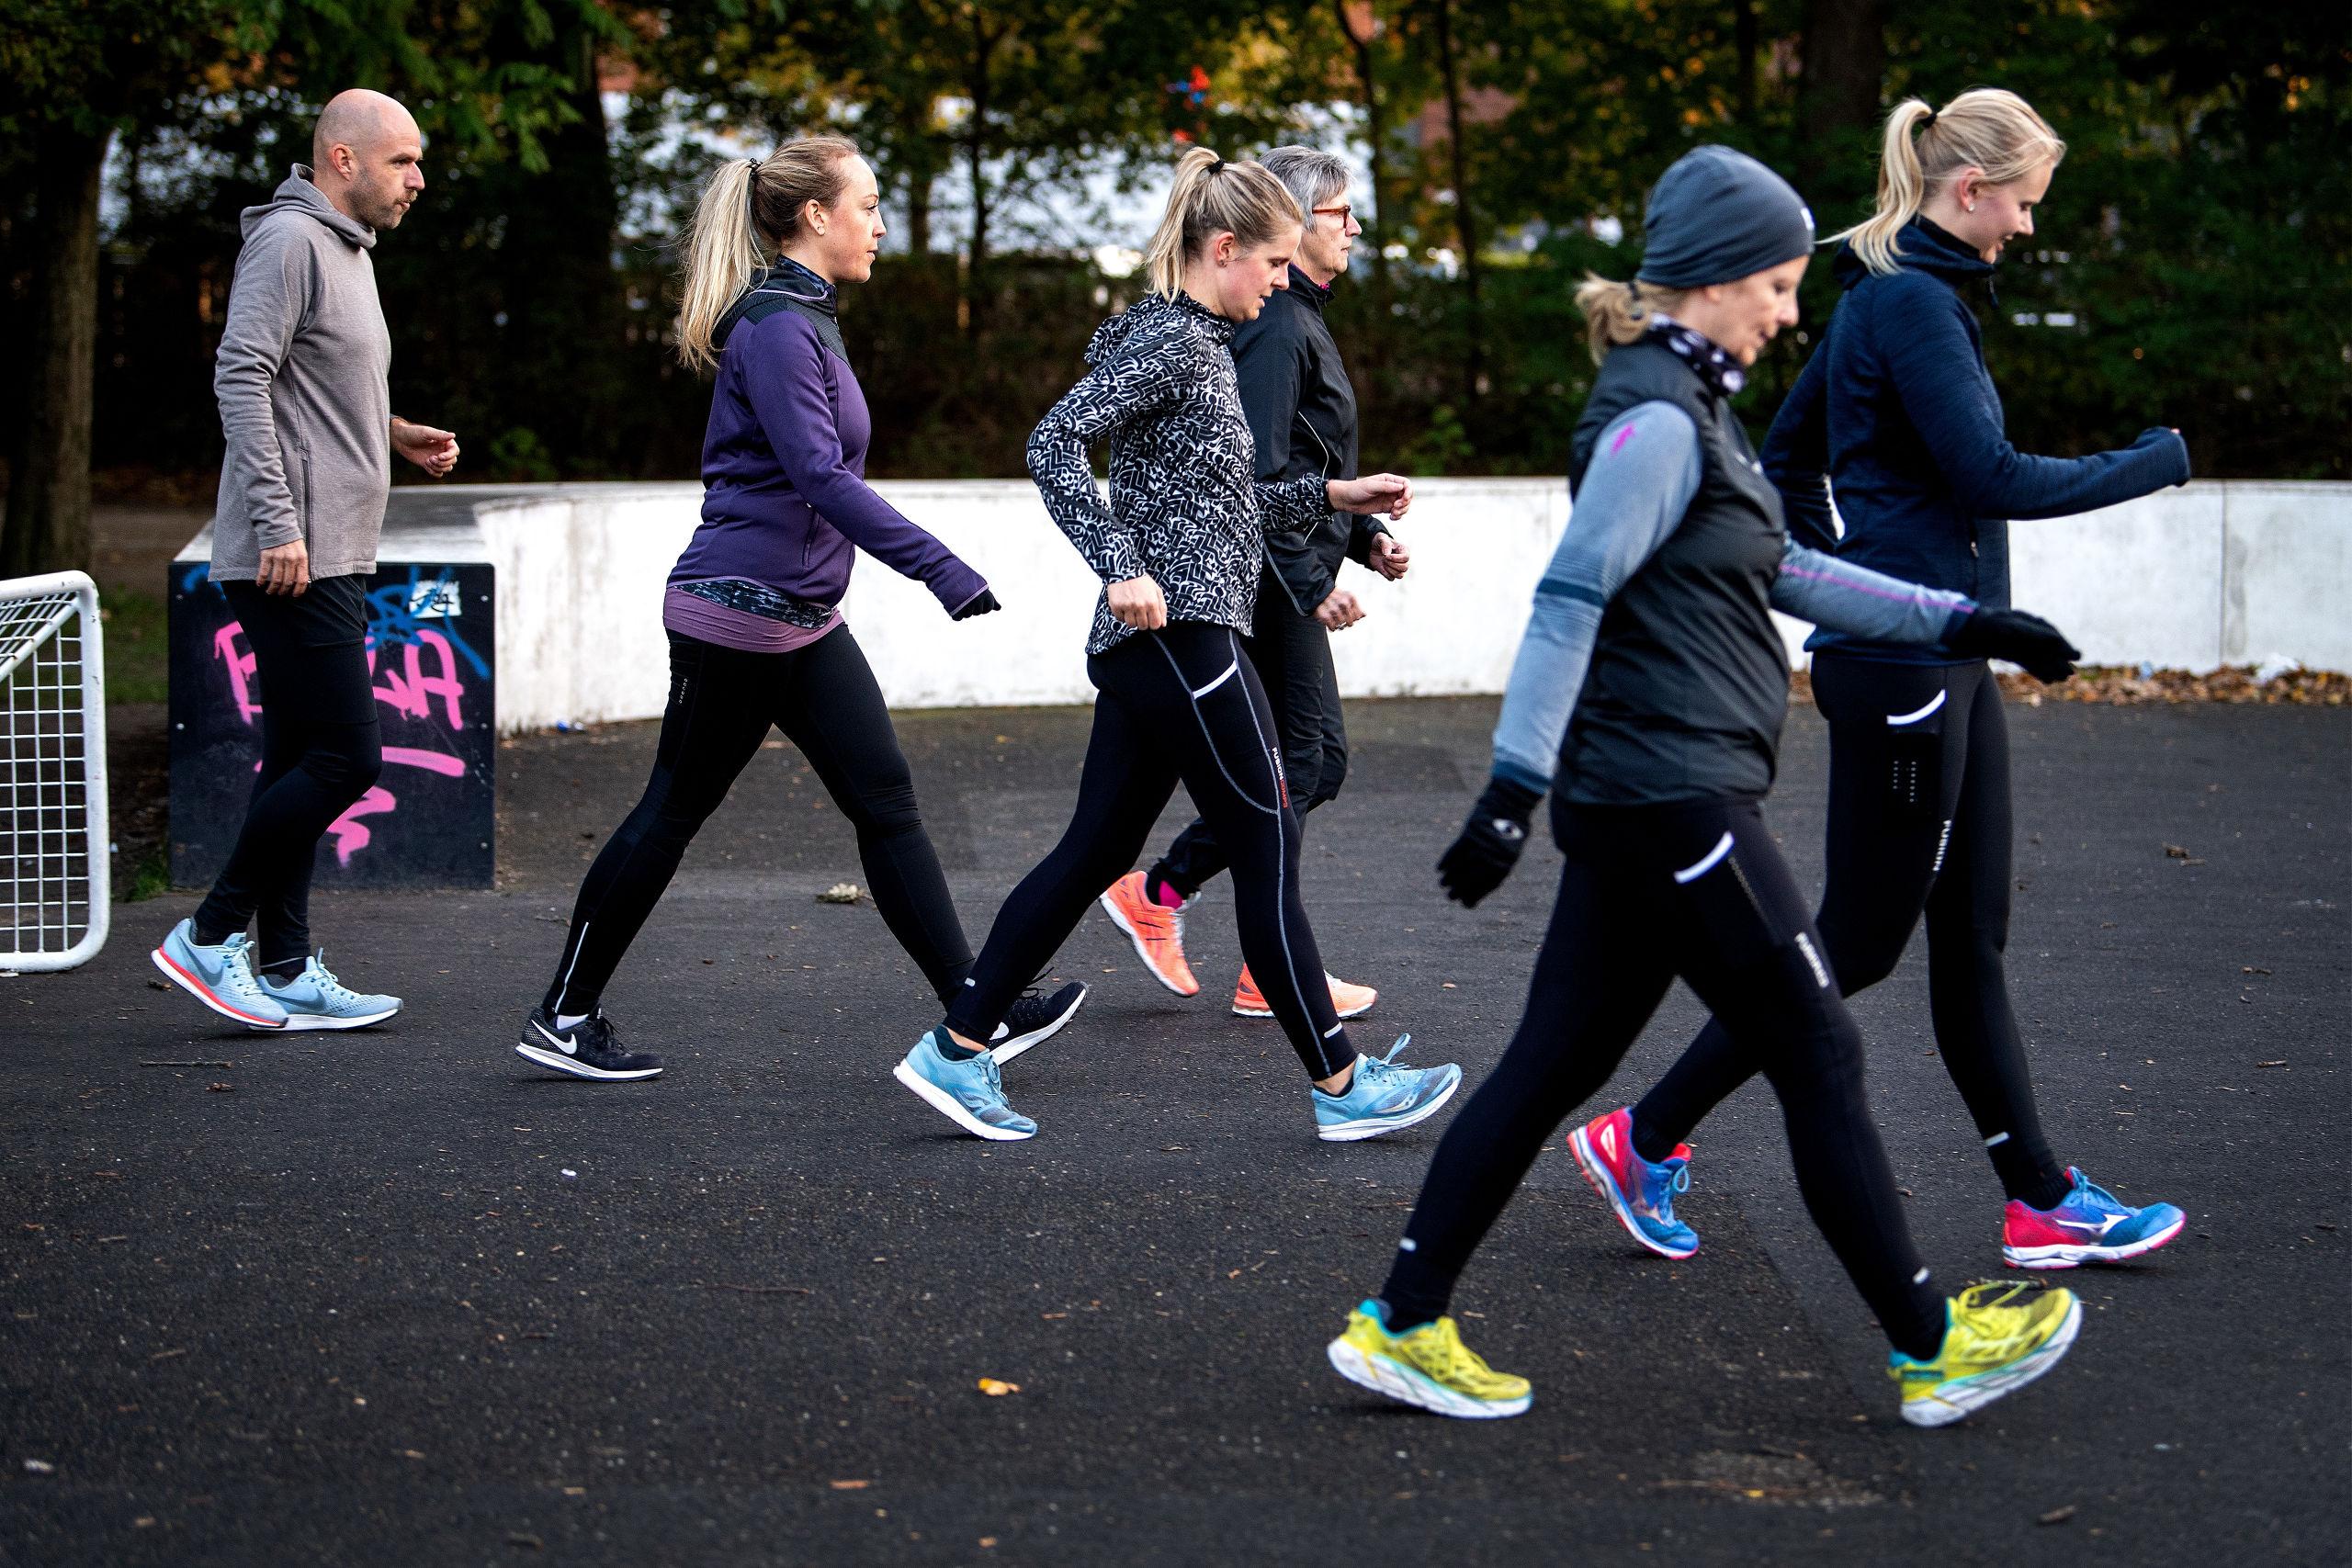 Vil du i gang med at løbe? Klub laver gratis træning for alle